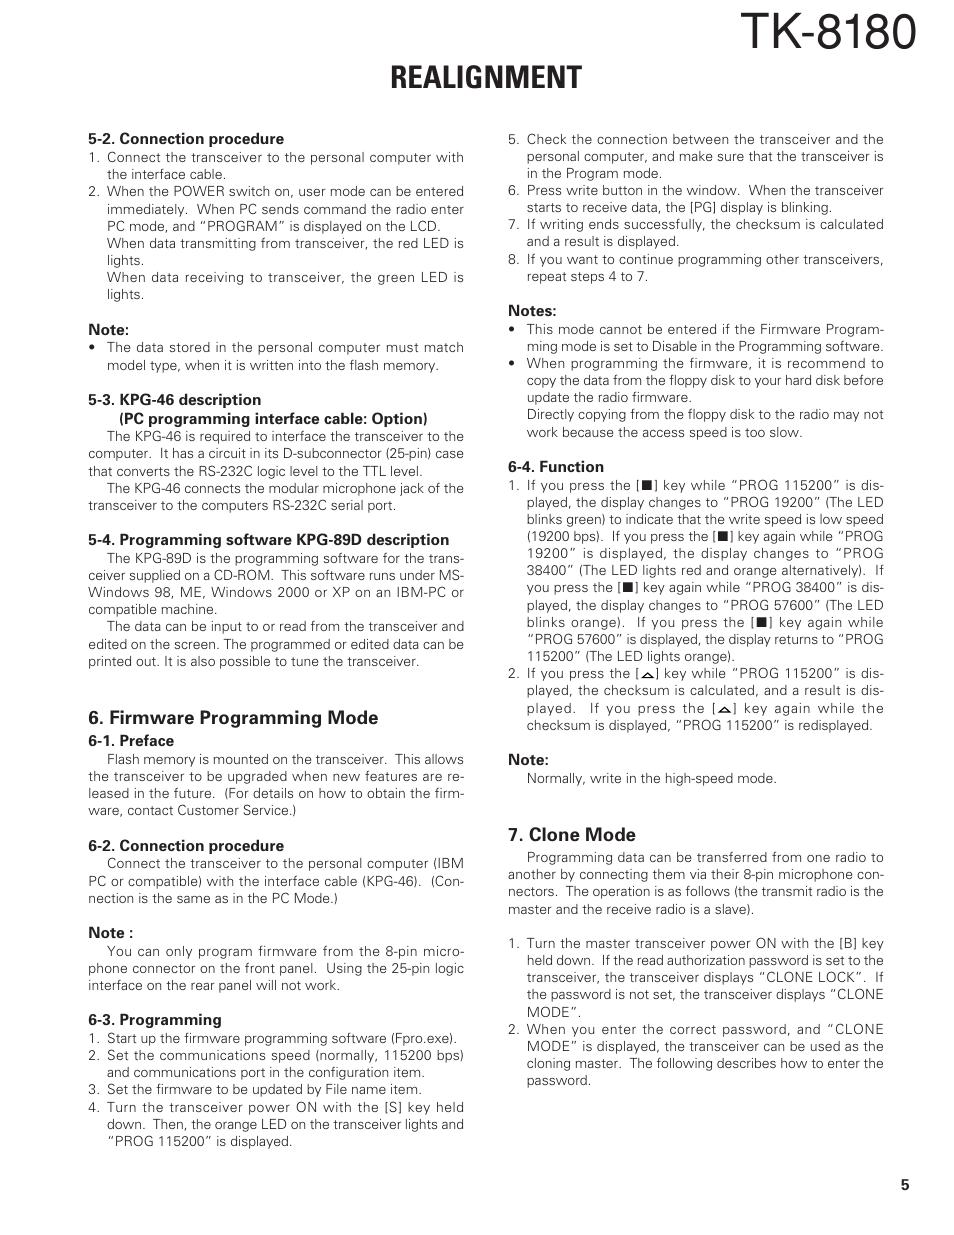 Firmware programming mode, Clone mode, Tk-8180 | Kenwood TK-8180